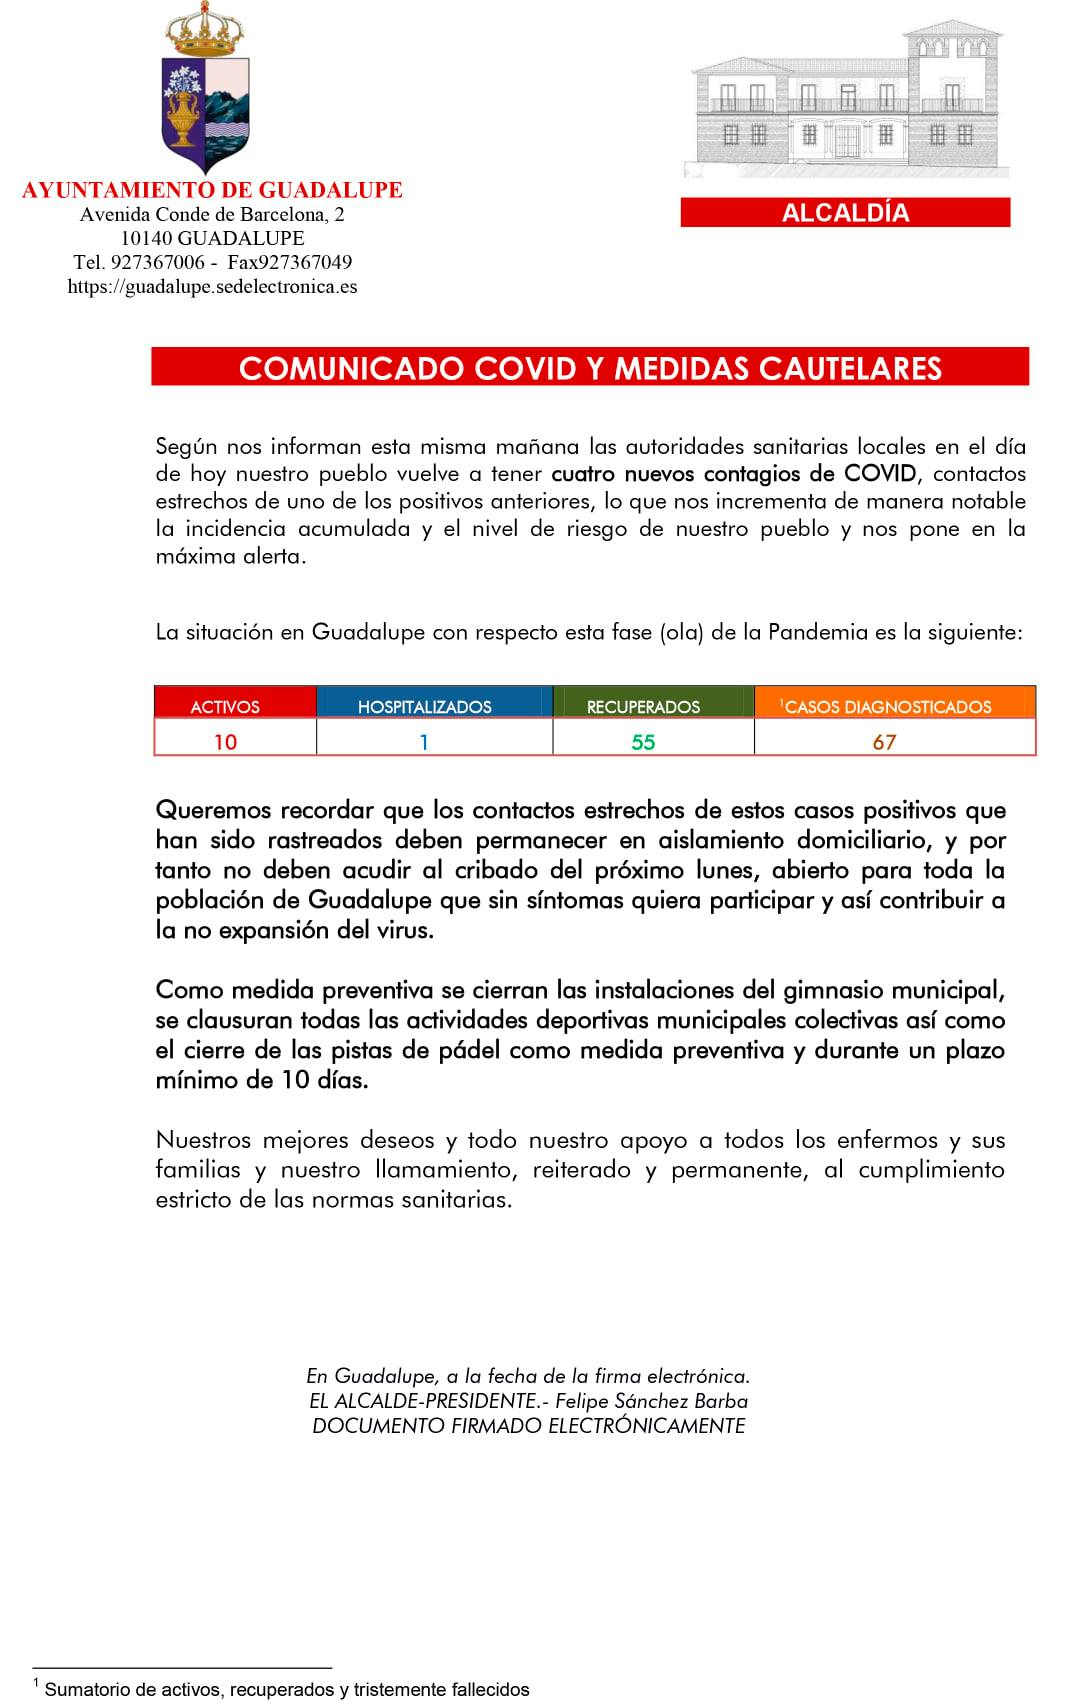 10 casos positivos activos de COVID-19 (abril 2021) - Guadalupe (Cáceres)